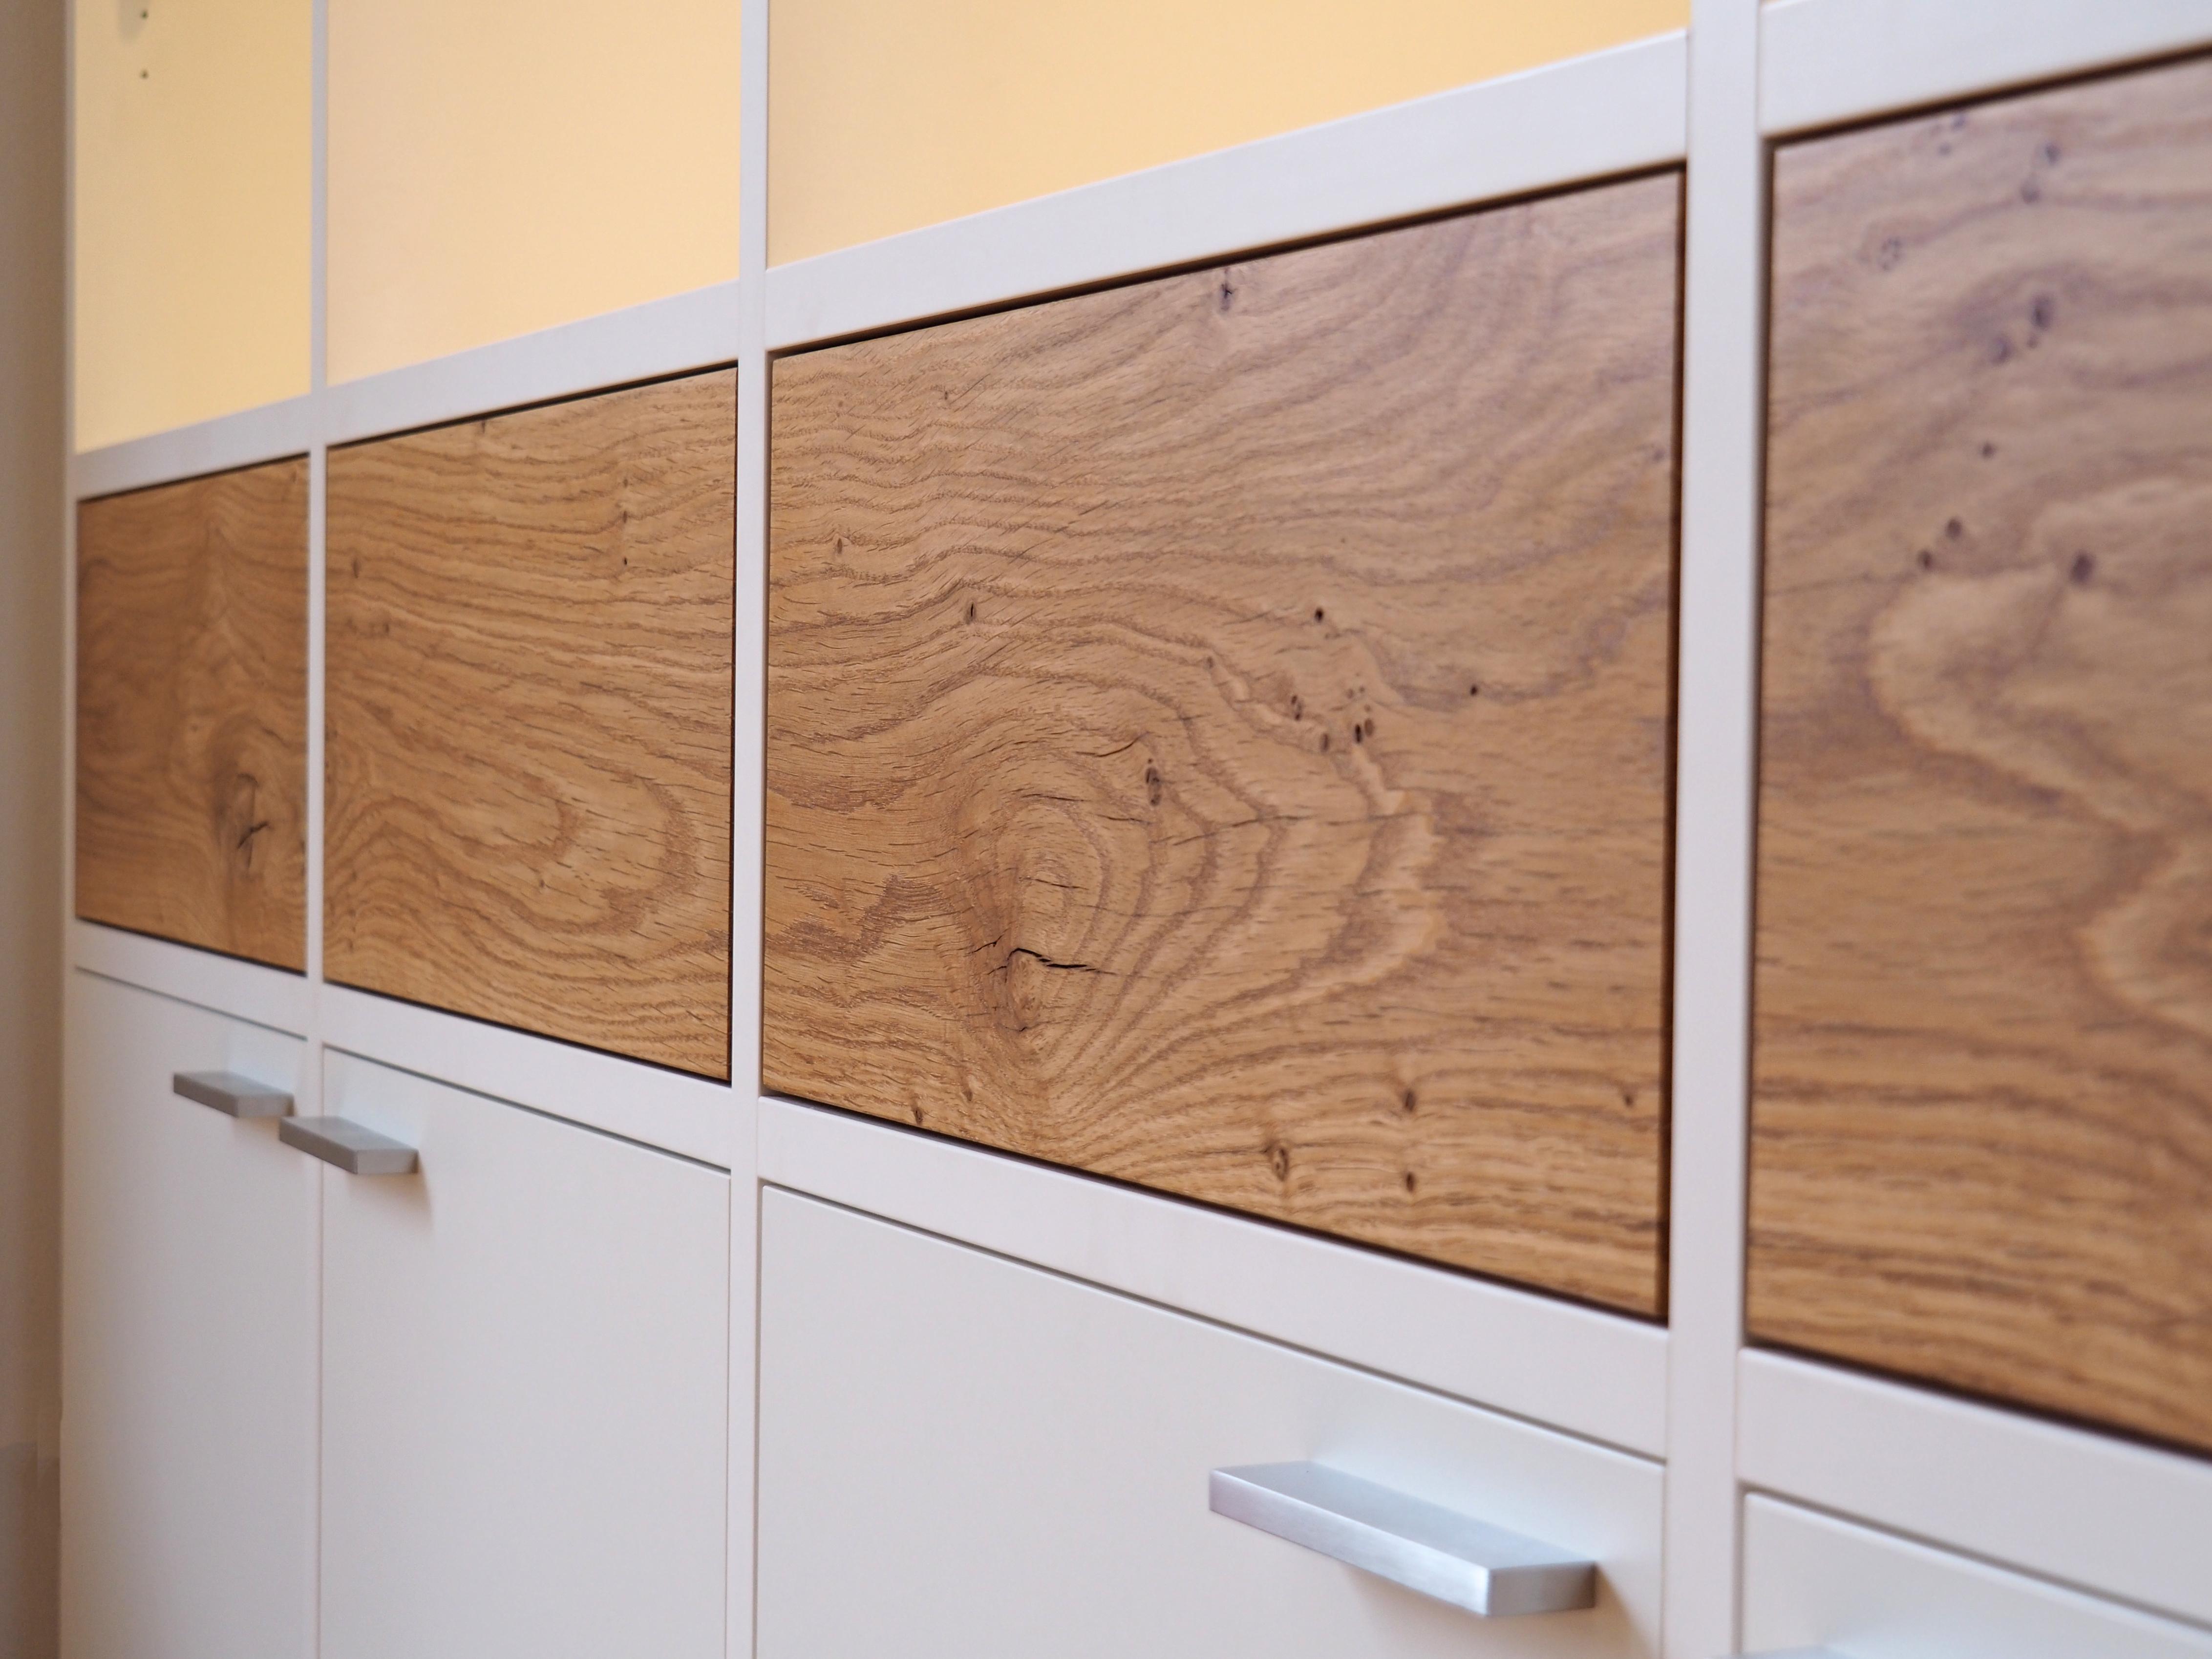 Wohnzimmerschrank Detail Massivholz Eiche durchlaufend